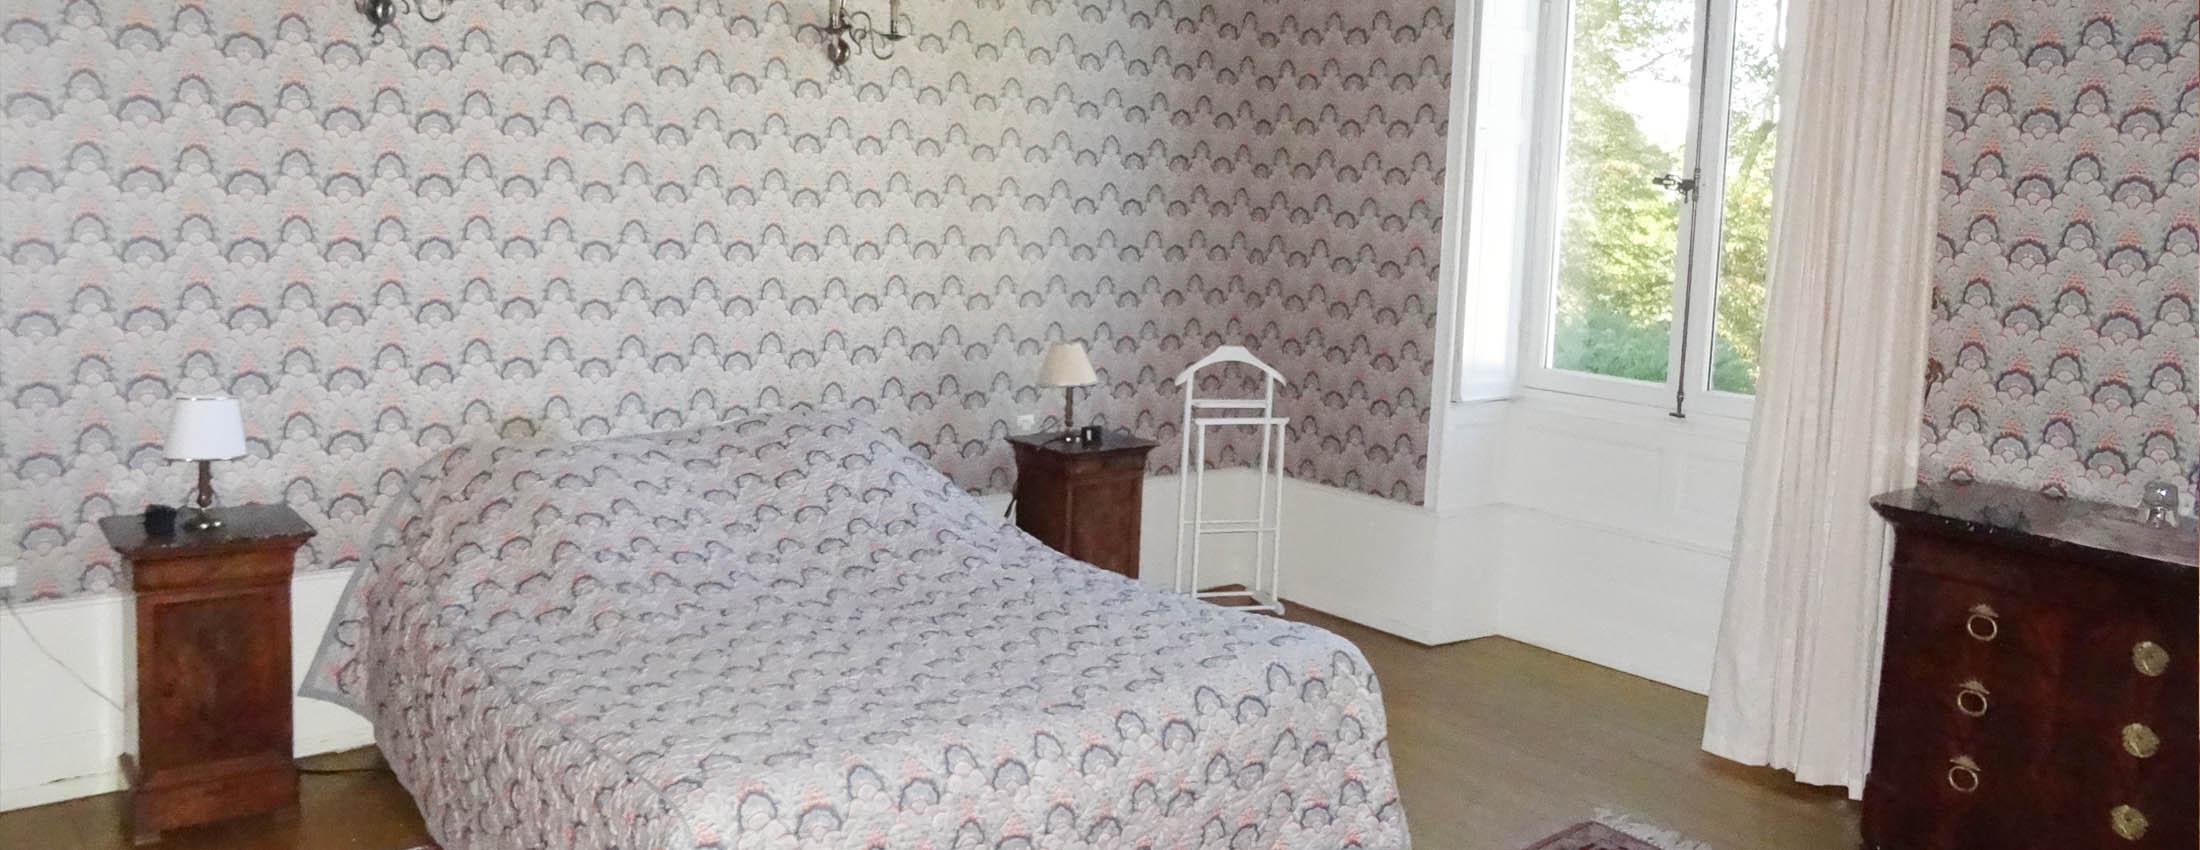 chambre hote chateau loire chambord manoir de la voute. Black Bedroom Furniture Sets. Home Design Ideas